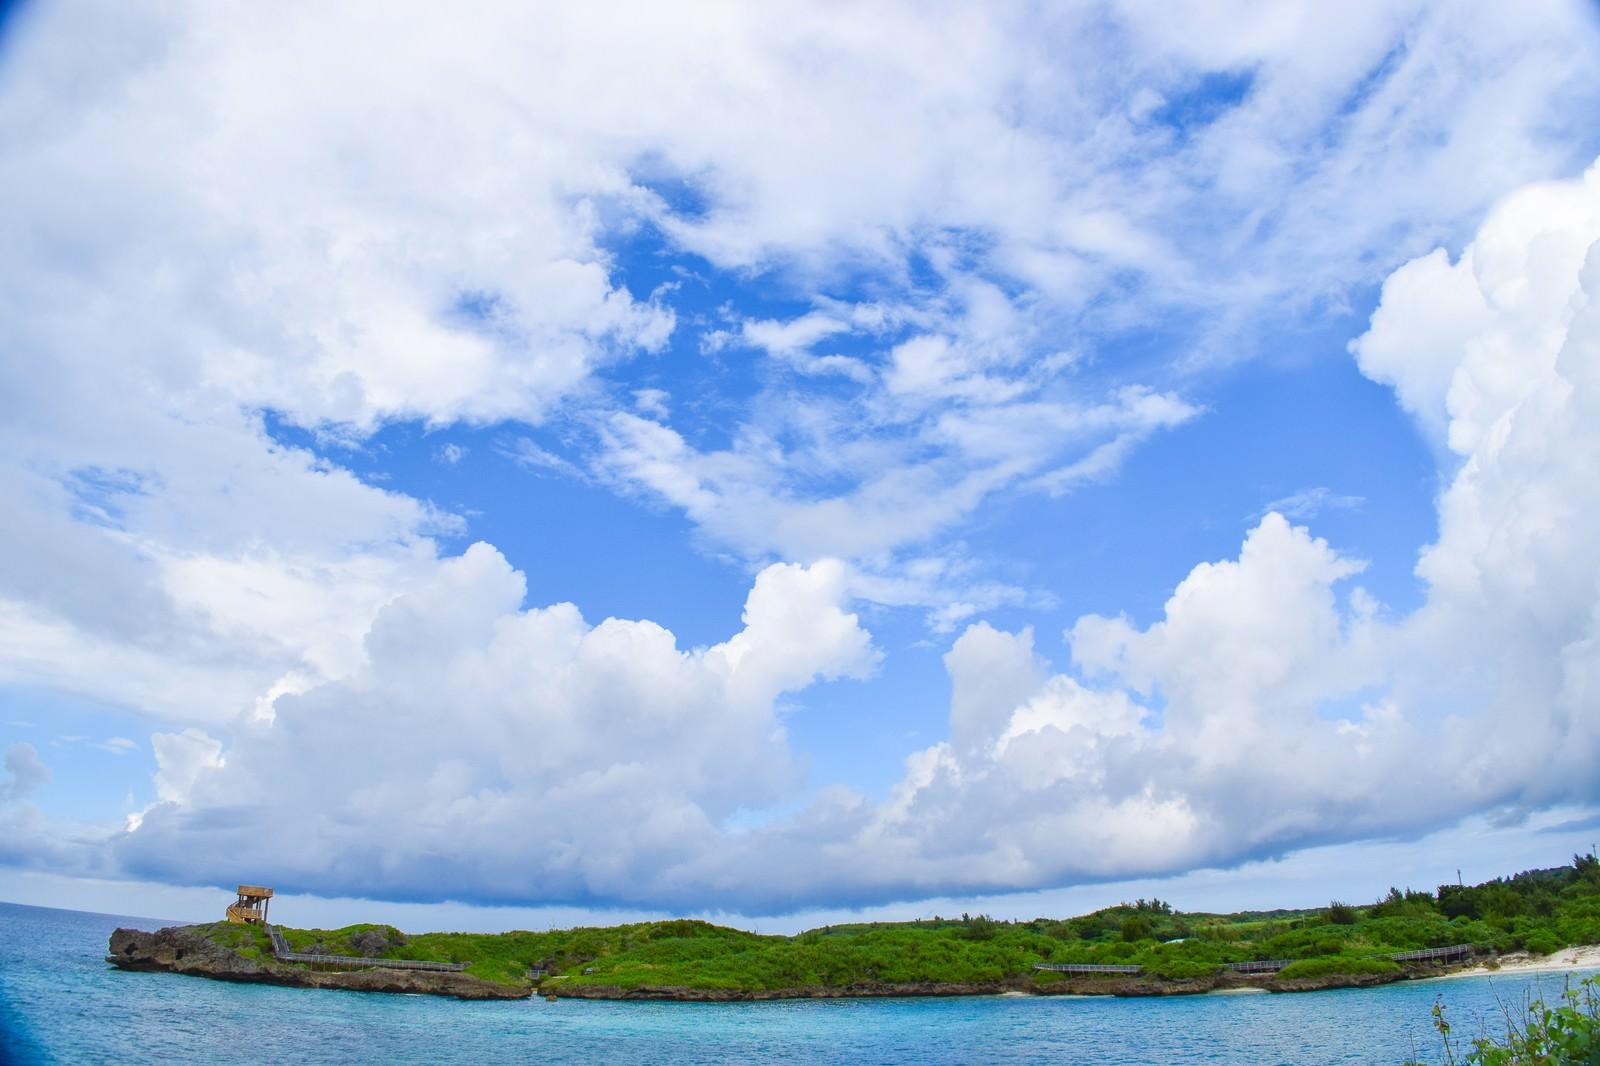 「孤島のような入り江」の写真